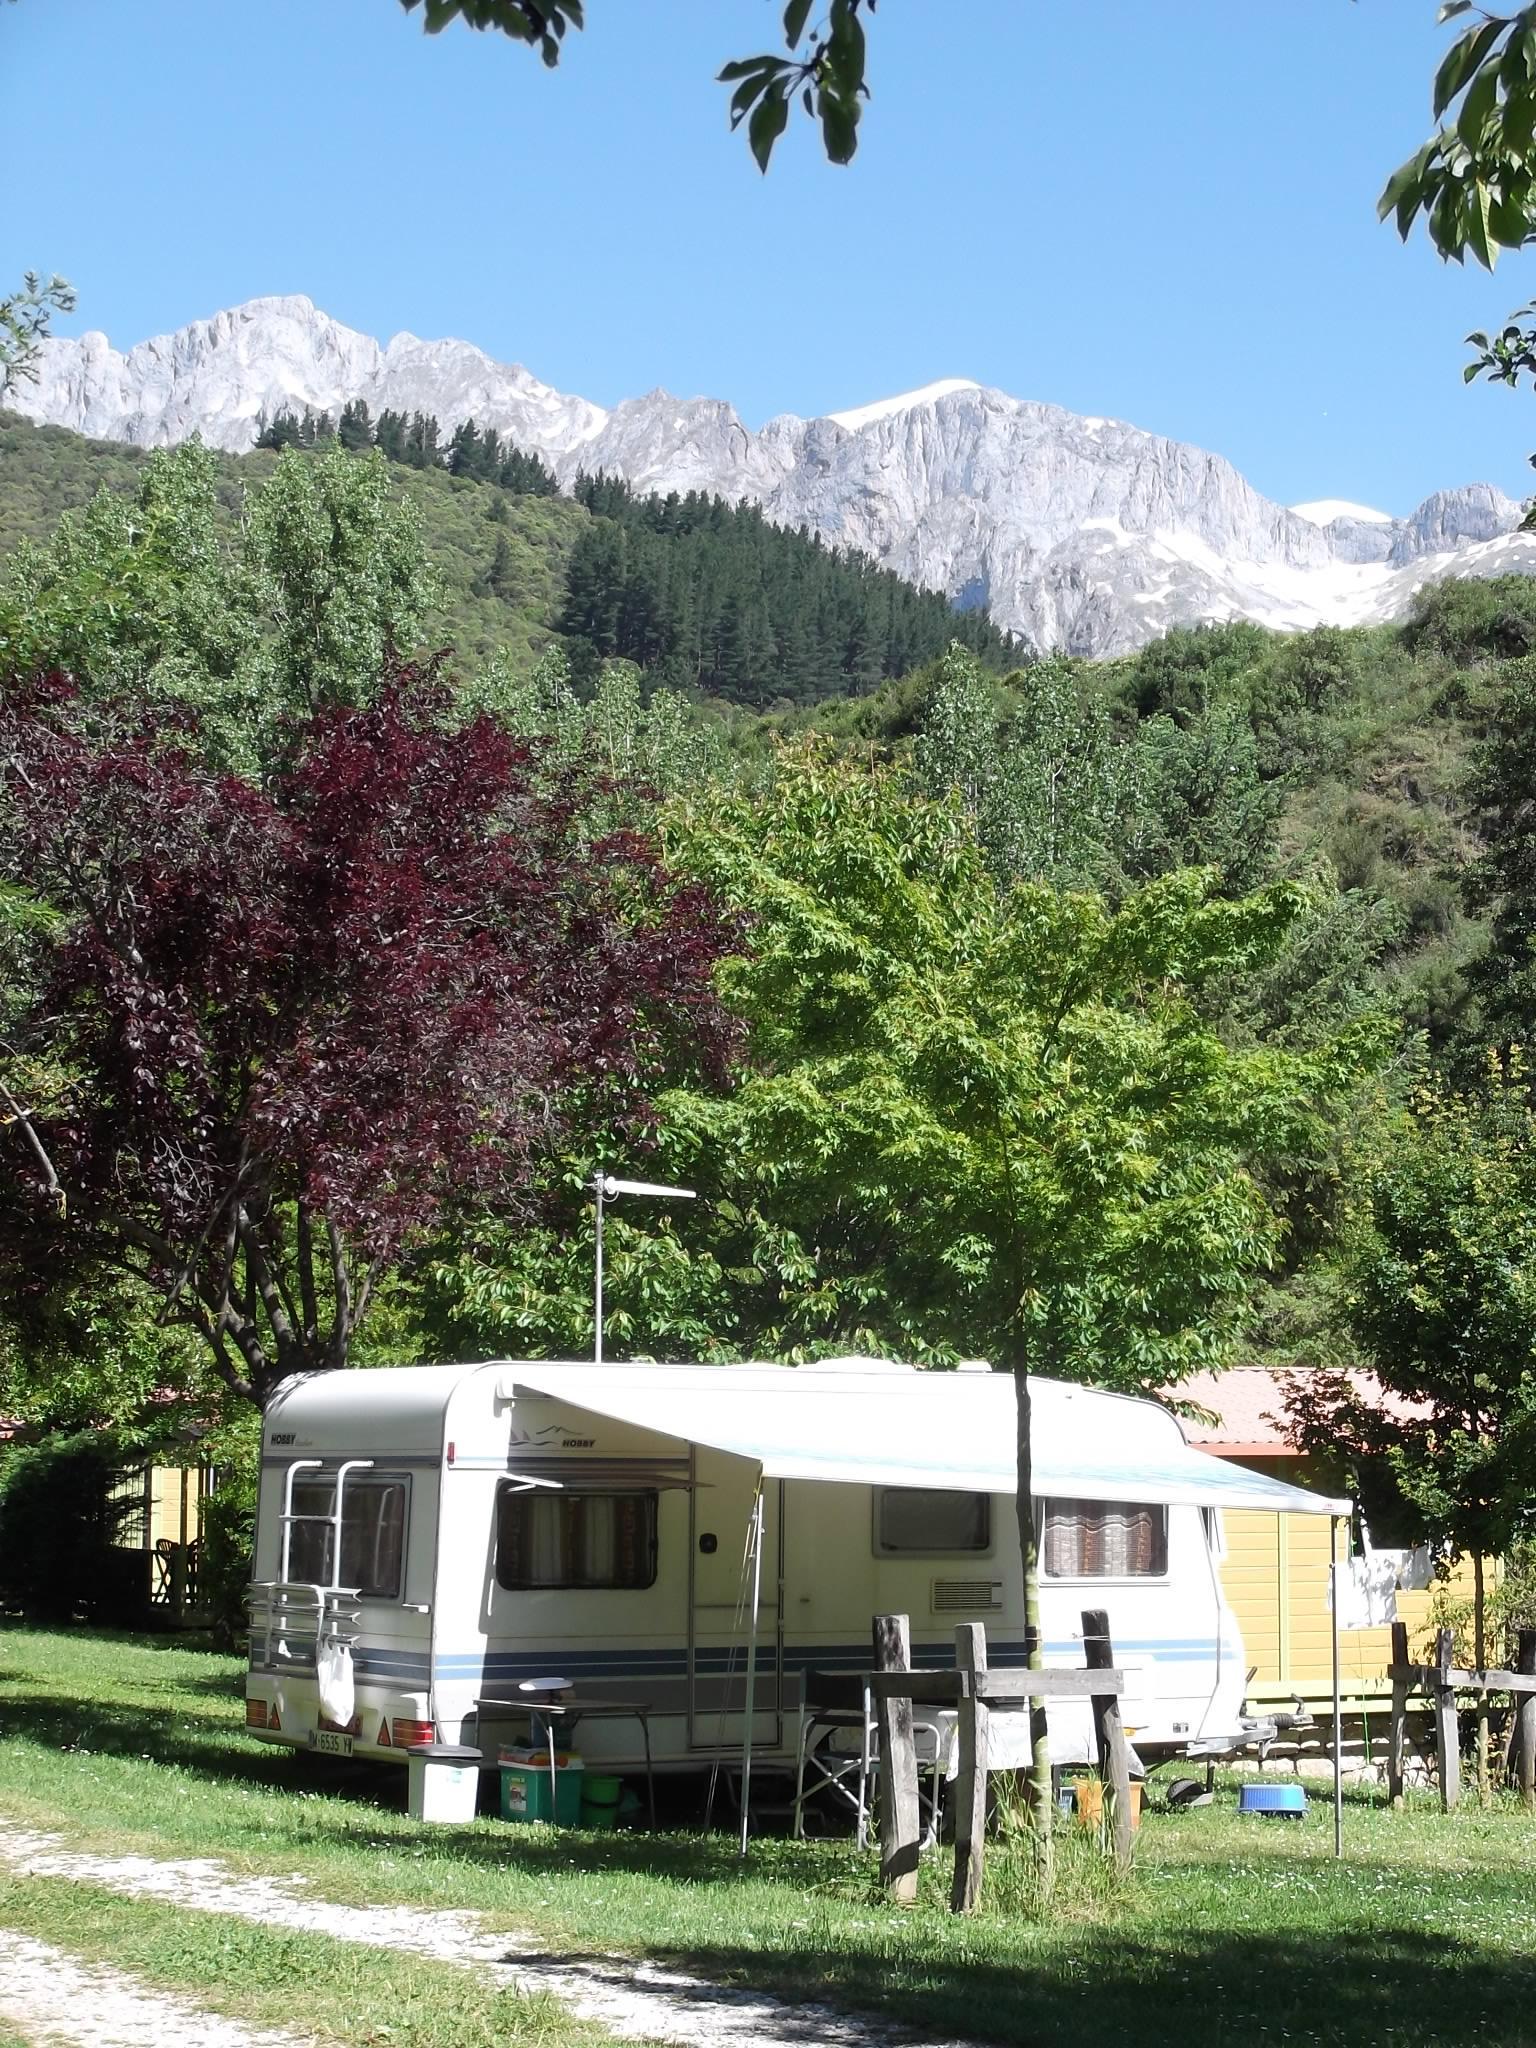 Camping La Isla Picos De Europa 9102